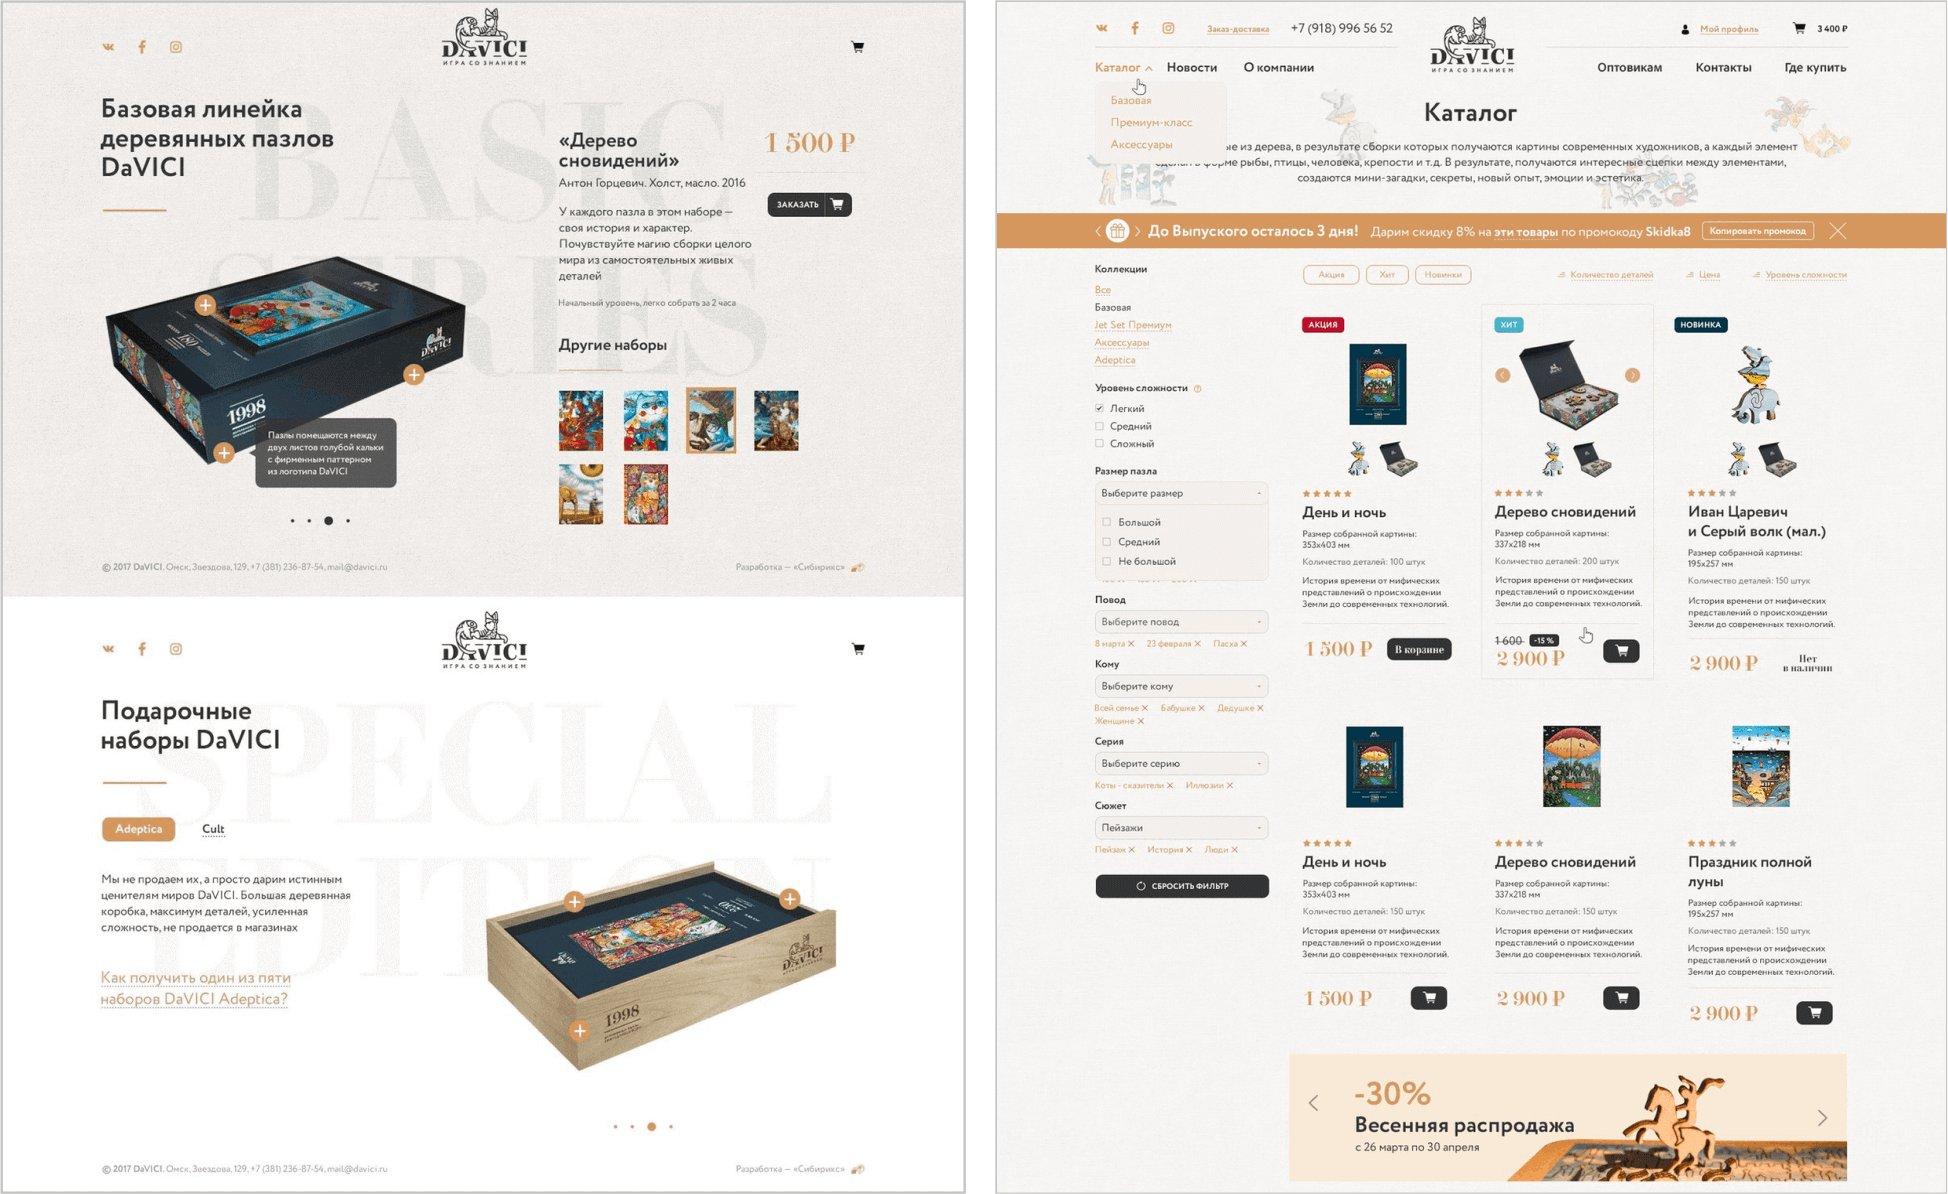 <p>Вкаталоге, конечноже, фильтр для удобного поиска илаконичные карточки сприятными картинками, акцентной ценой икнопкой «вкорзину». Аещё— пины нафото, спомощью которых заказчик может добавлять нужные акценты.</p>